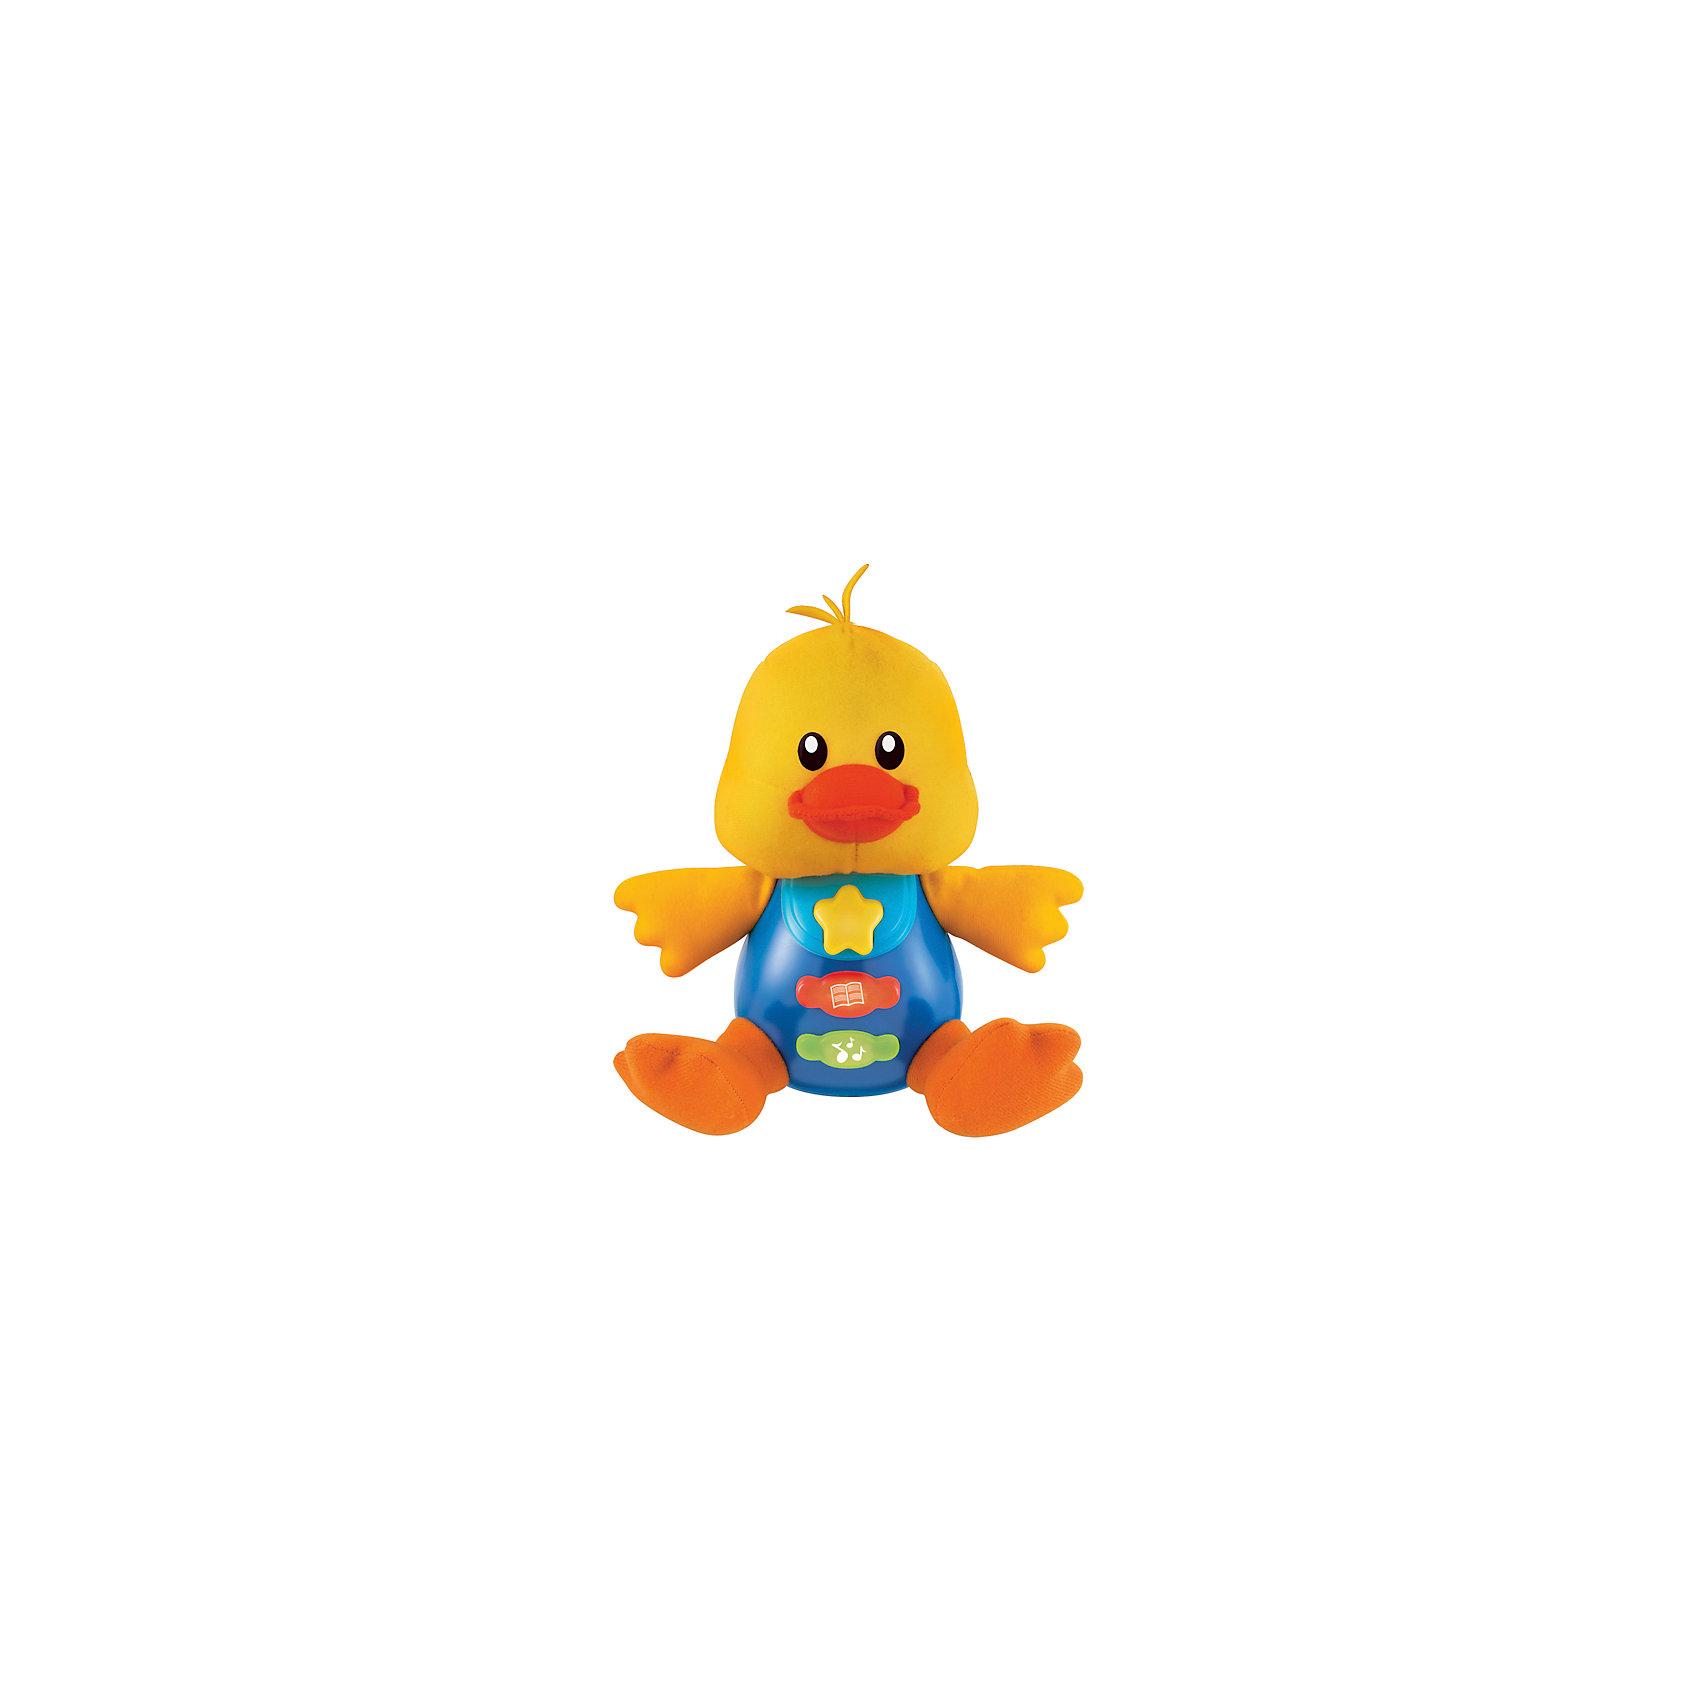 Обучающая игрушка Стихи А.Барто, Утенок, со светом и звуком, УмкаОбучающая игрушка Стихи А.Барто, со светом и звуком, Умка – это увлекательный, развивающий подарок для Вашего малыша. Обучающий забавный зверек познакомит ребёнка с добрыми детскими стишками и песенкой. На животике расположены три кнопки. При нажатии на одну из них малыш услышит песенку От улыбки. При нажатии на вторую - 6 приятных мелодий. При нажатии на кнопку с книжкой поочередно прозвучат 5 замечательных стихотворений А. Барто из серии Игрушки (Бычок, Зайка, Лошадка, Слон, Мишка). Все стихи и песенки сопровождаются световыми эффектами. Голова и лапки у игрушек мягкие с шуршащими вставками для развития тактильных ощущений. Туловище изготовлено из высококачественной пластмассы. Игрушка отлично способствует развитию памяти, логики, визуального и слухового восприятия, моторики.  Дополнительная информация:  - Игрушка работает от 2 батареек типа АА (входят в комплект) - Размер медвежонка: 16 х 18 х 8 см. - Размер упаковки: 20 х 21,5 х 11 см. Обучающую игрушку Стихи А.Барто, со светом и звуком, Умка можно купить в нашем интернет-магазине.<br><br>Ширина мм: 120<br>Глубина мм: 220<br>Высота мм: 210<br>Вес г: 470<br>Возраст от месяцев: 6<br>Возраст до месяцев: 60<br>Пол: Унисекс<br>Возраст: Детский<br>SKU: 4838280